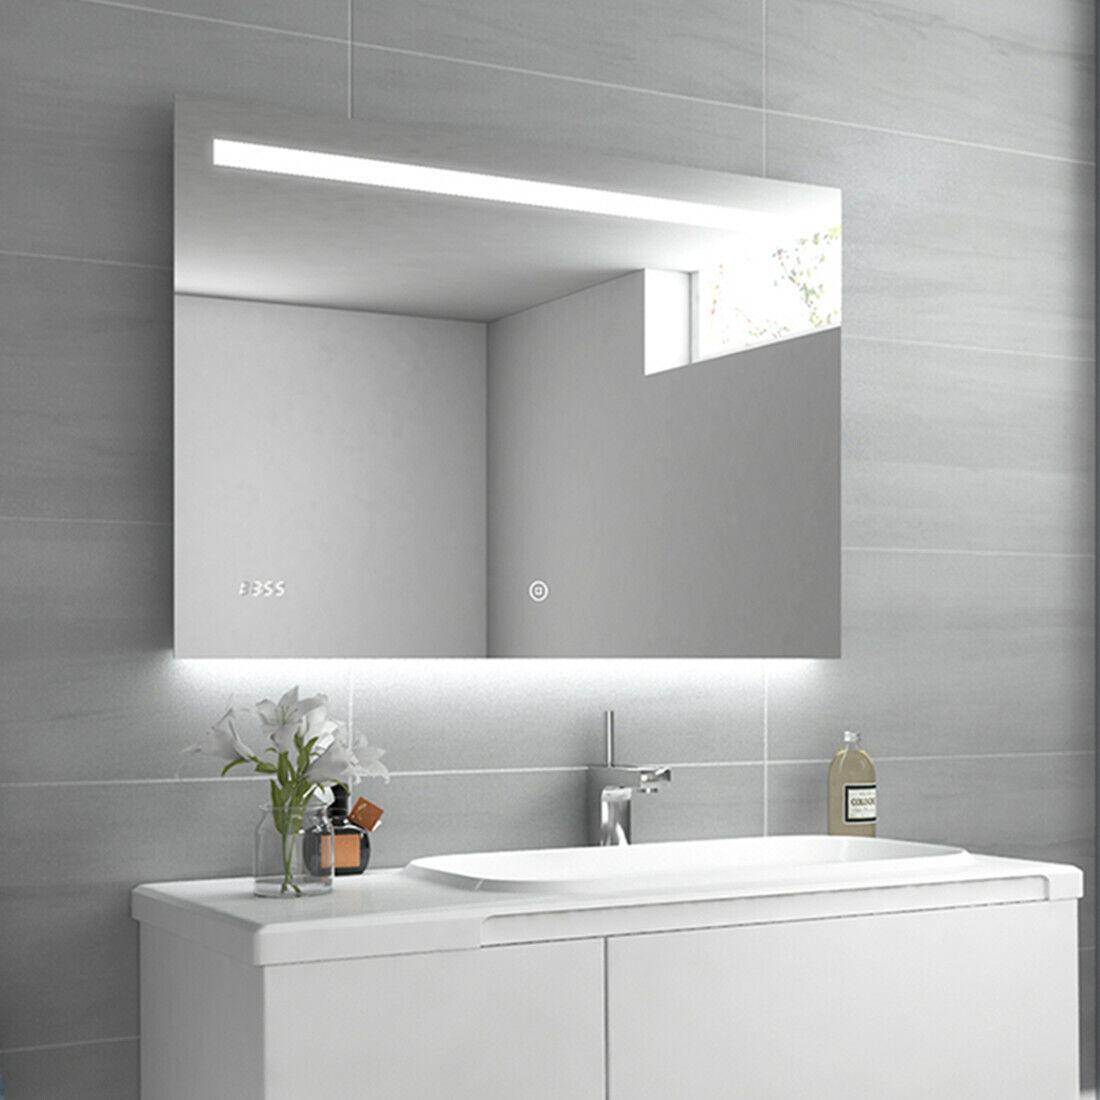 Design Badspiegel mit Beleuchtung 100x70 Beschlagfrei LED Spiegel Wandspiegel